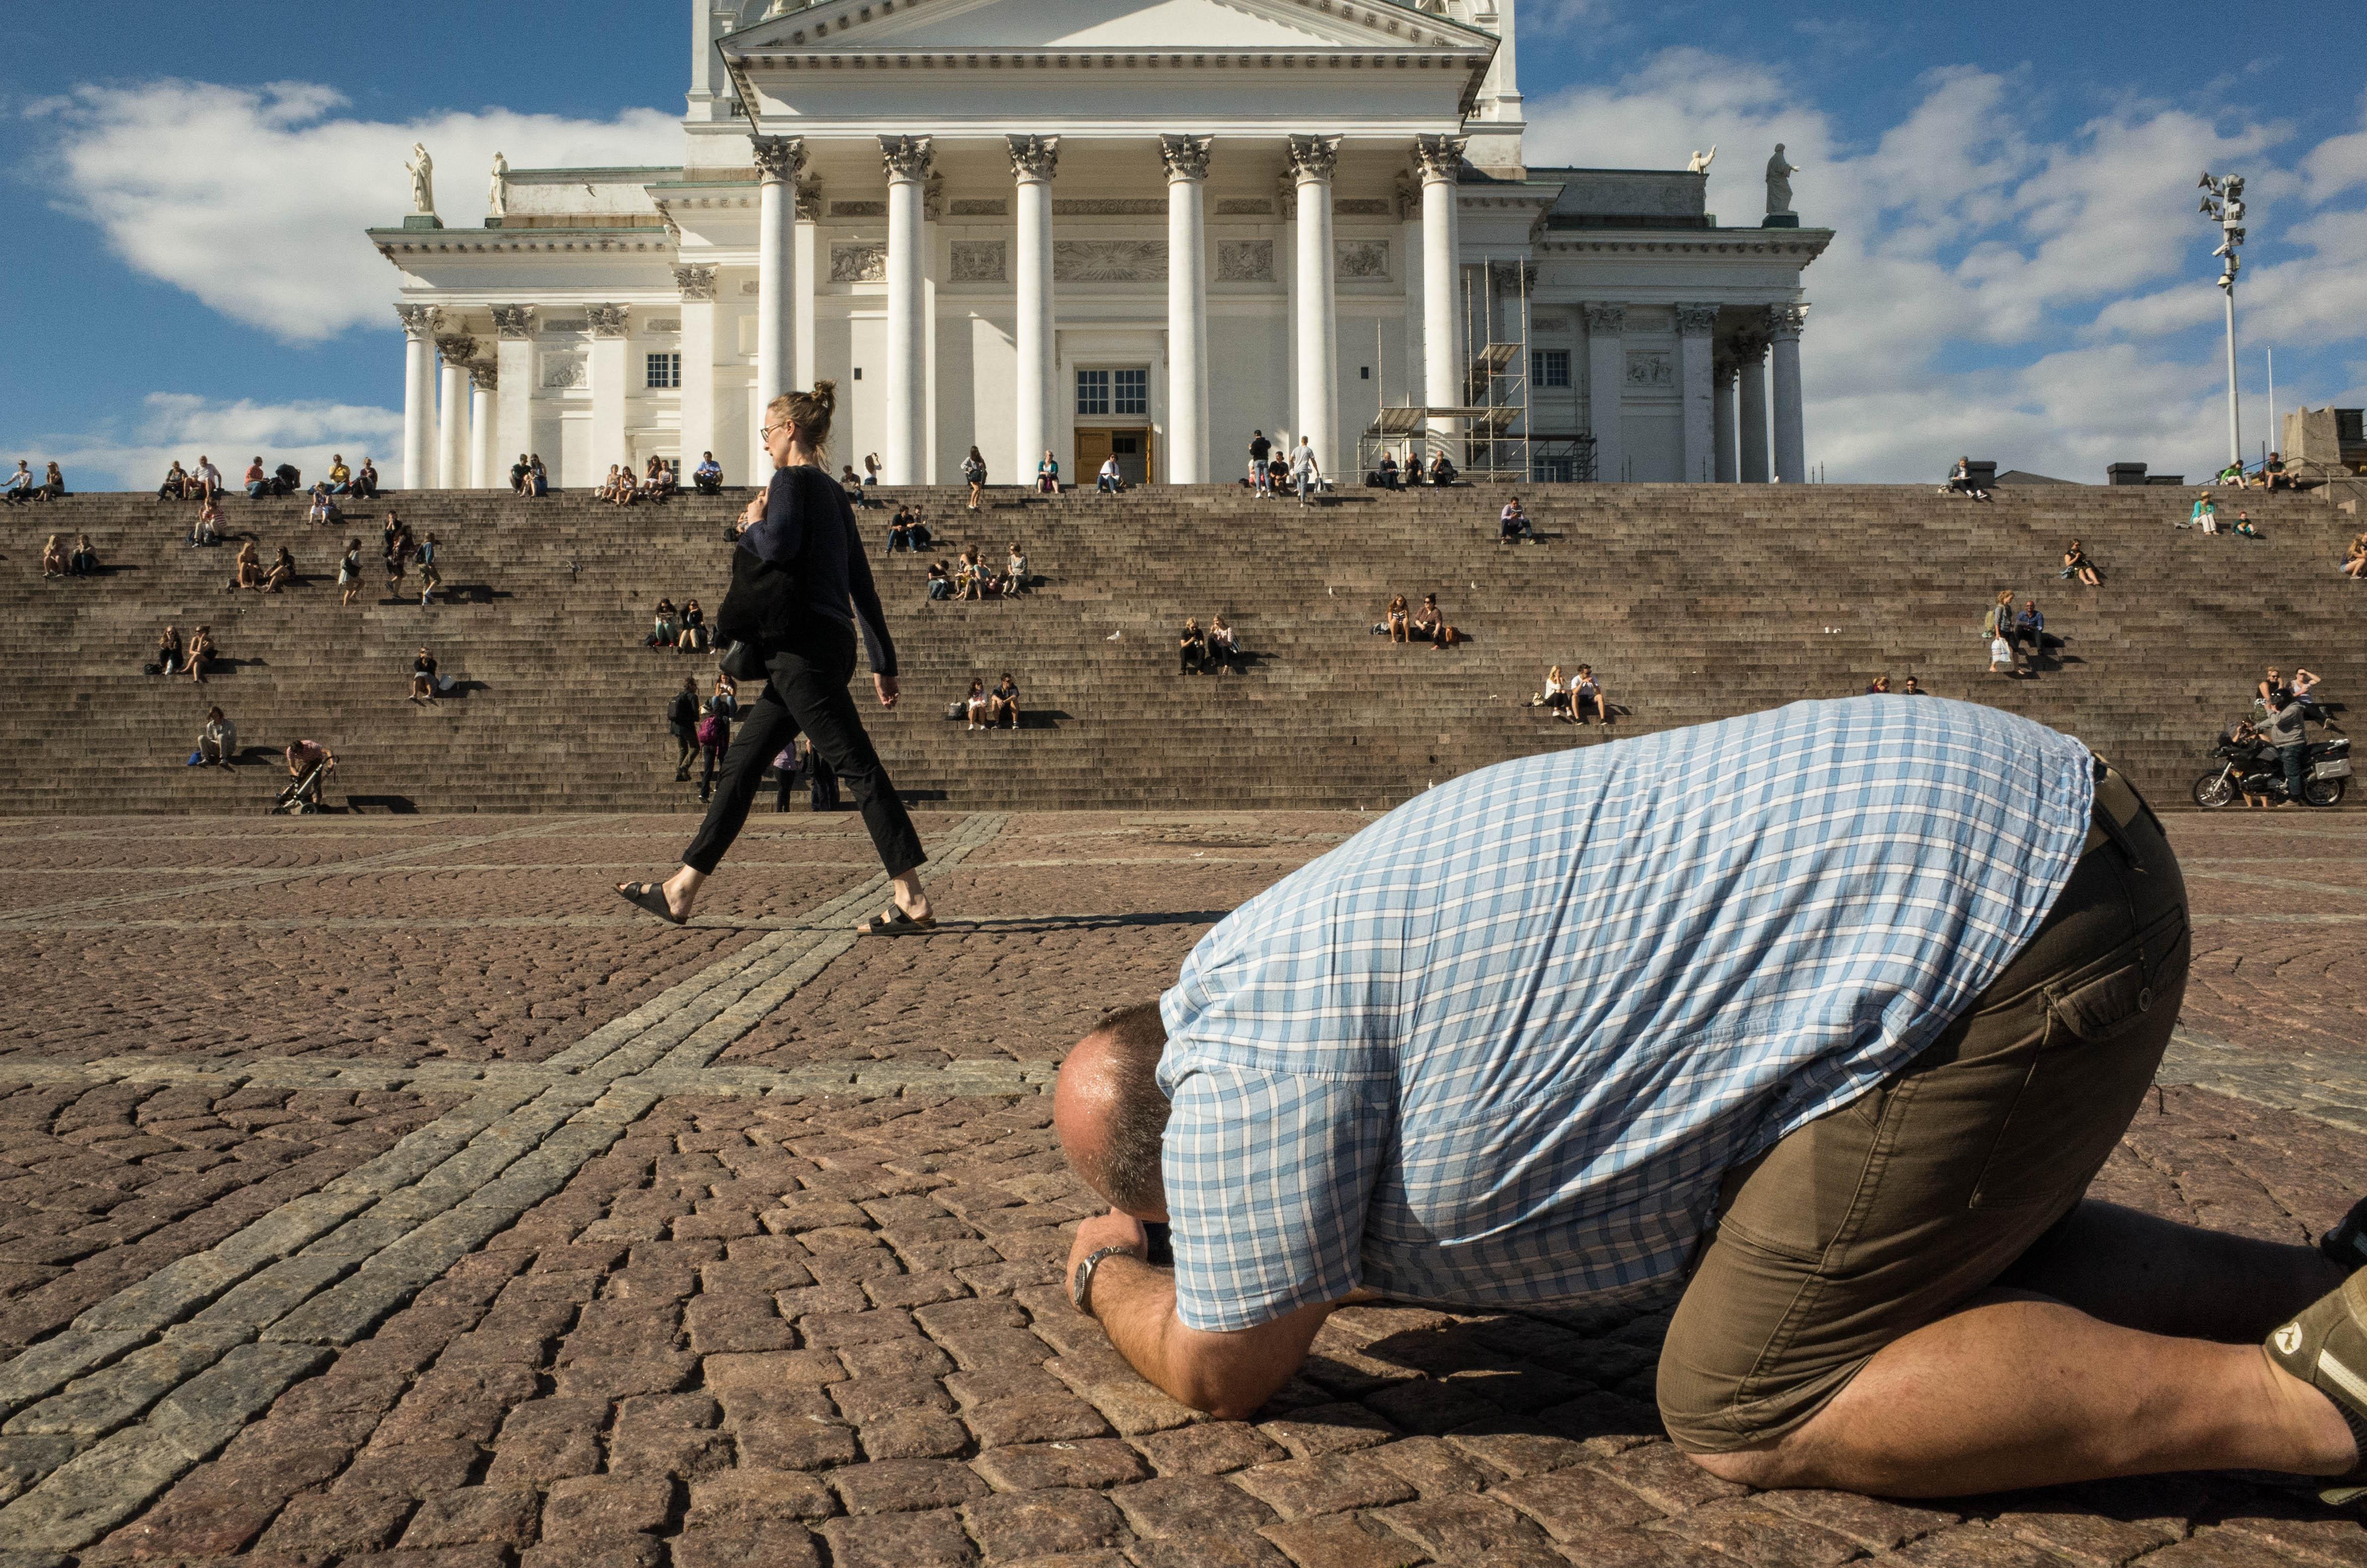 Helsinki (Fi) - 2015